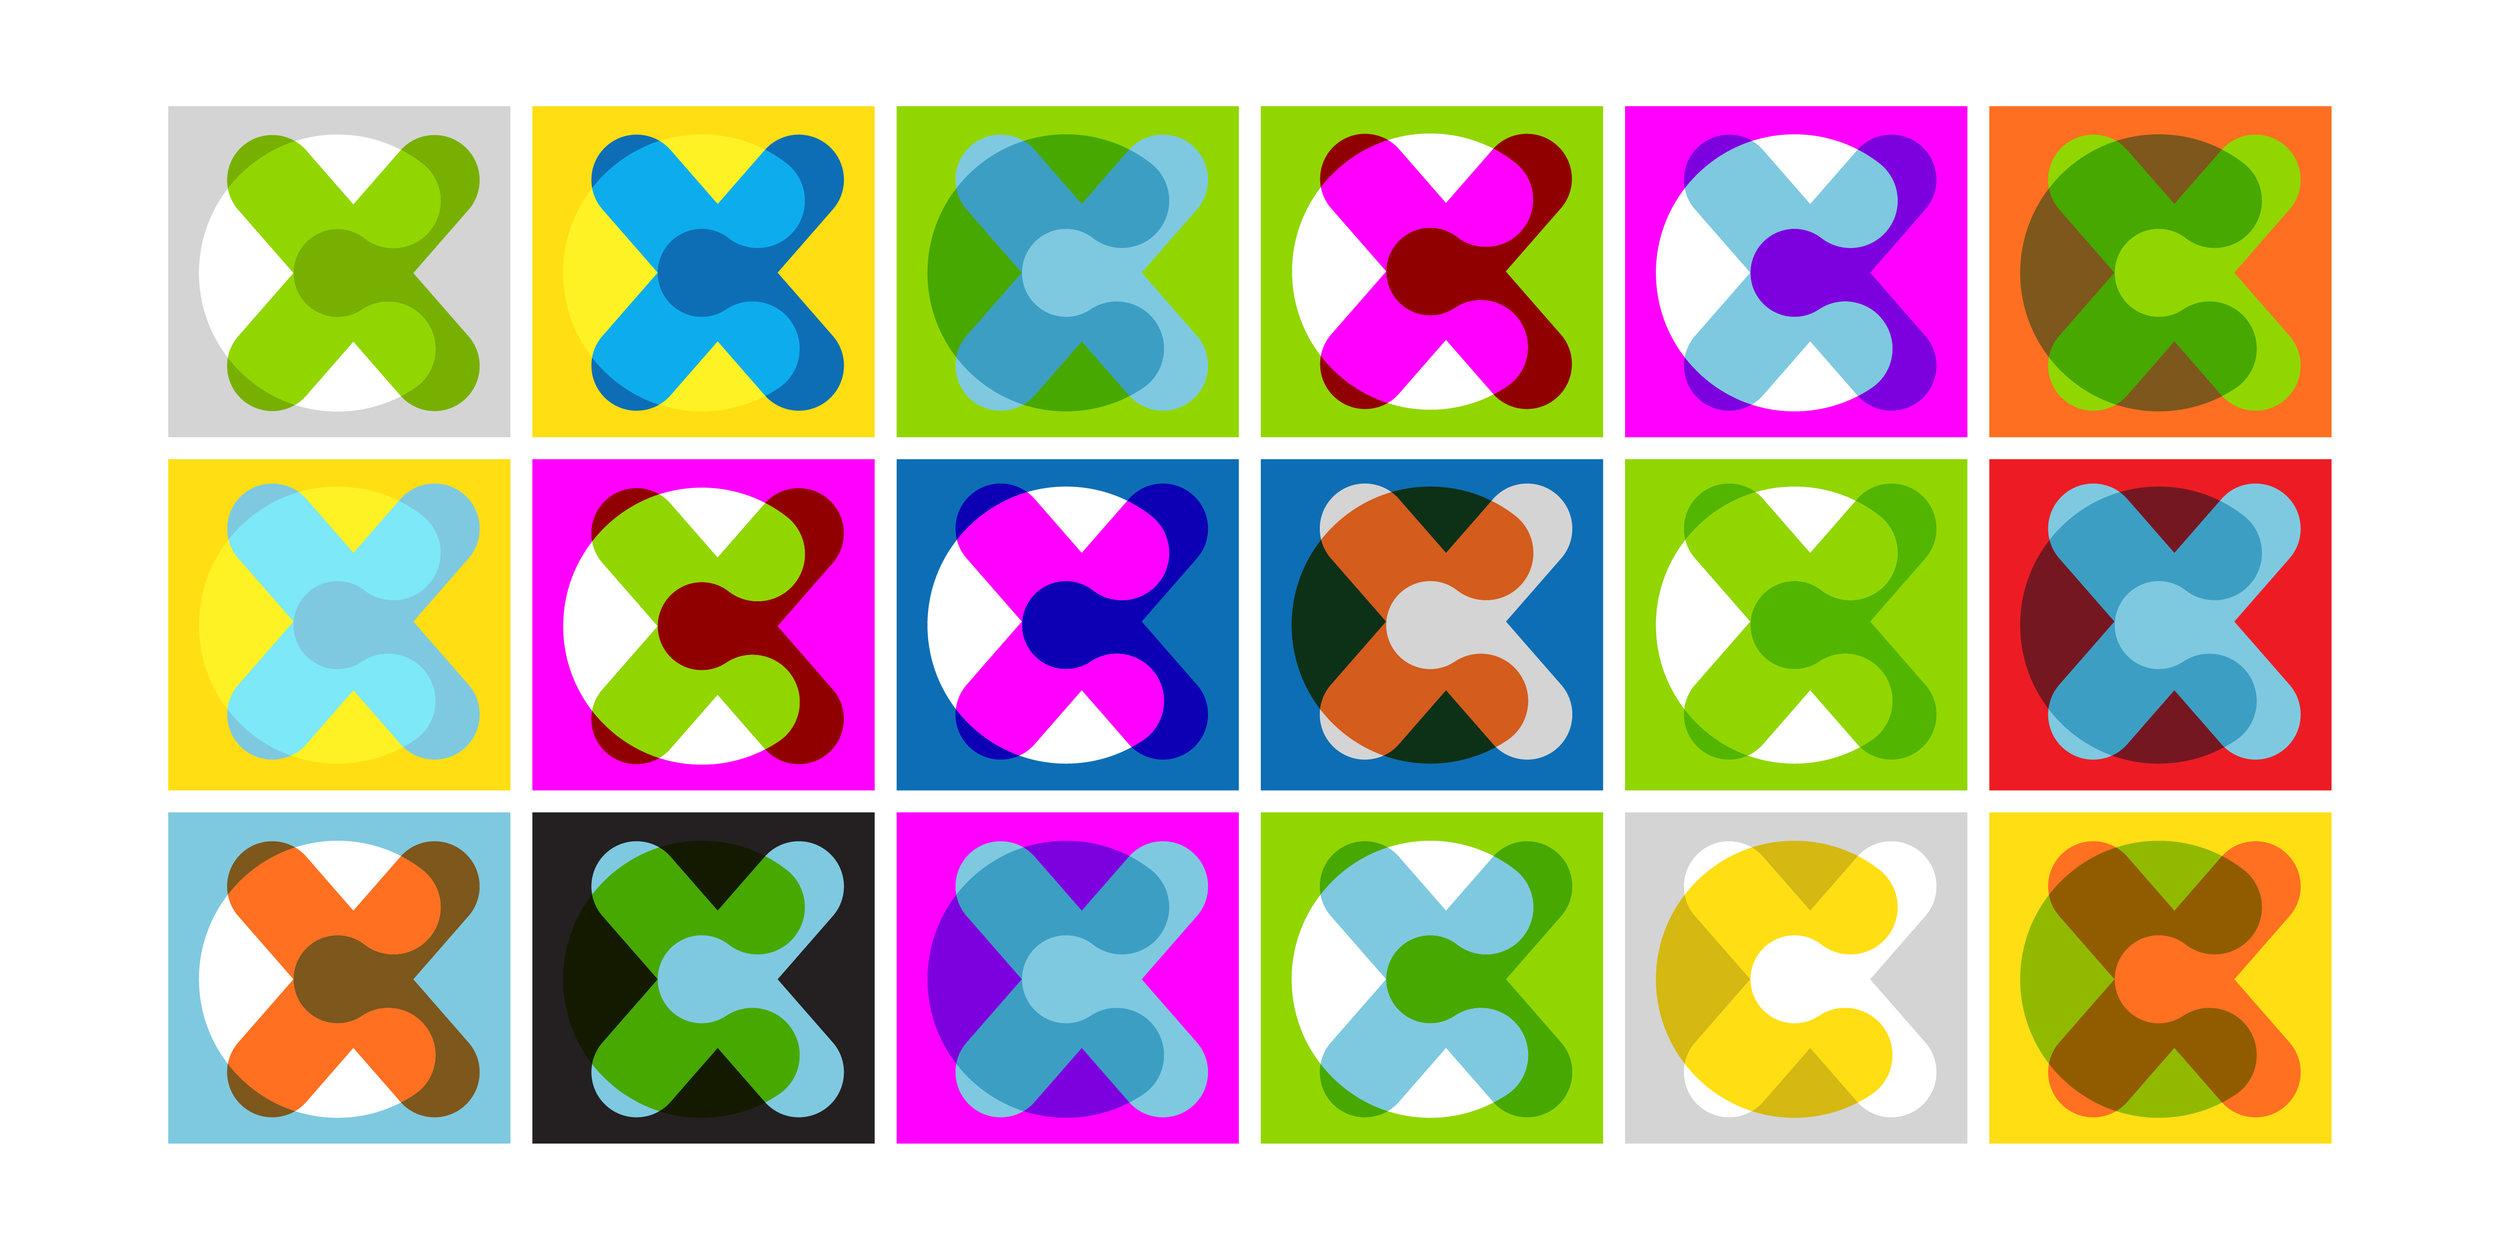 PennyLorber_CX_08.jpg